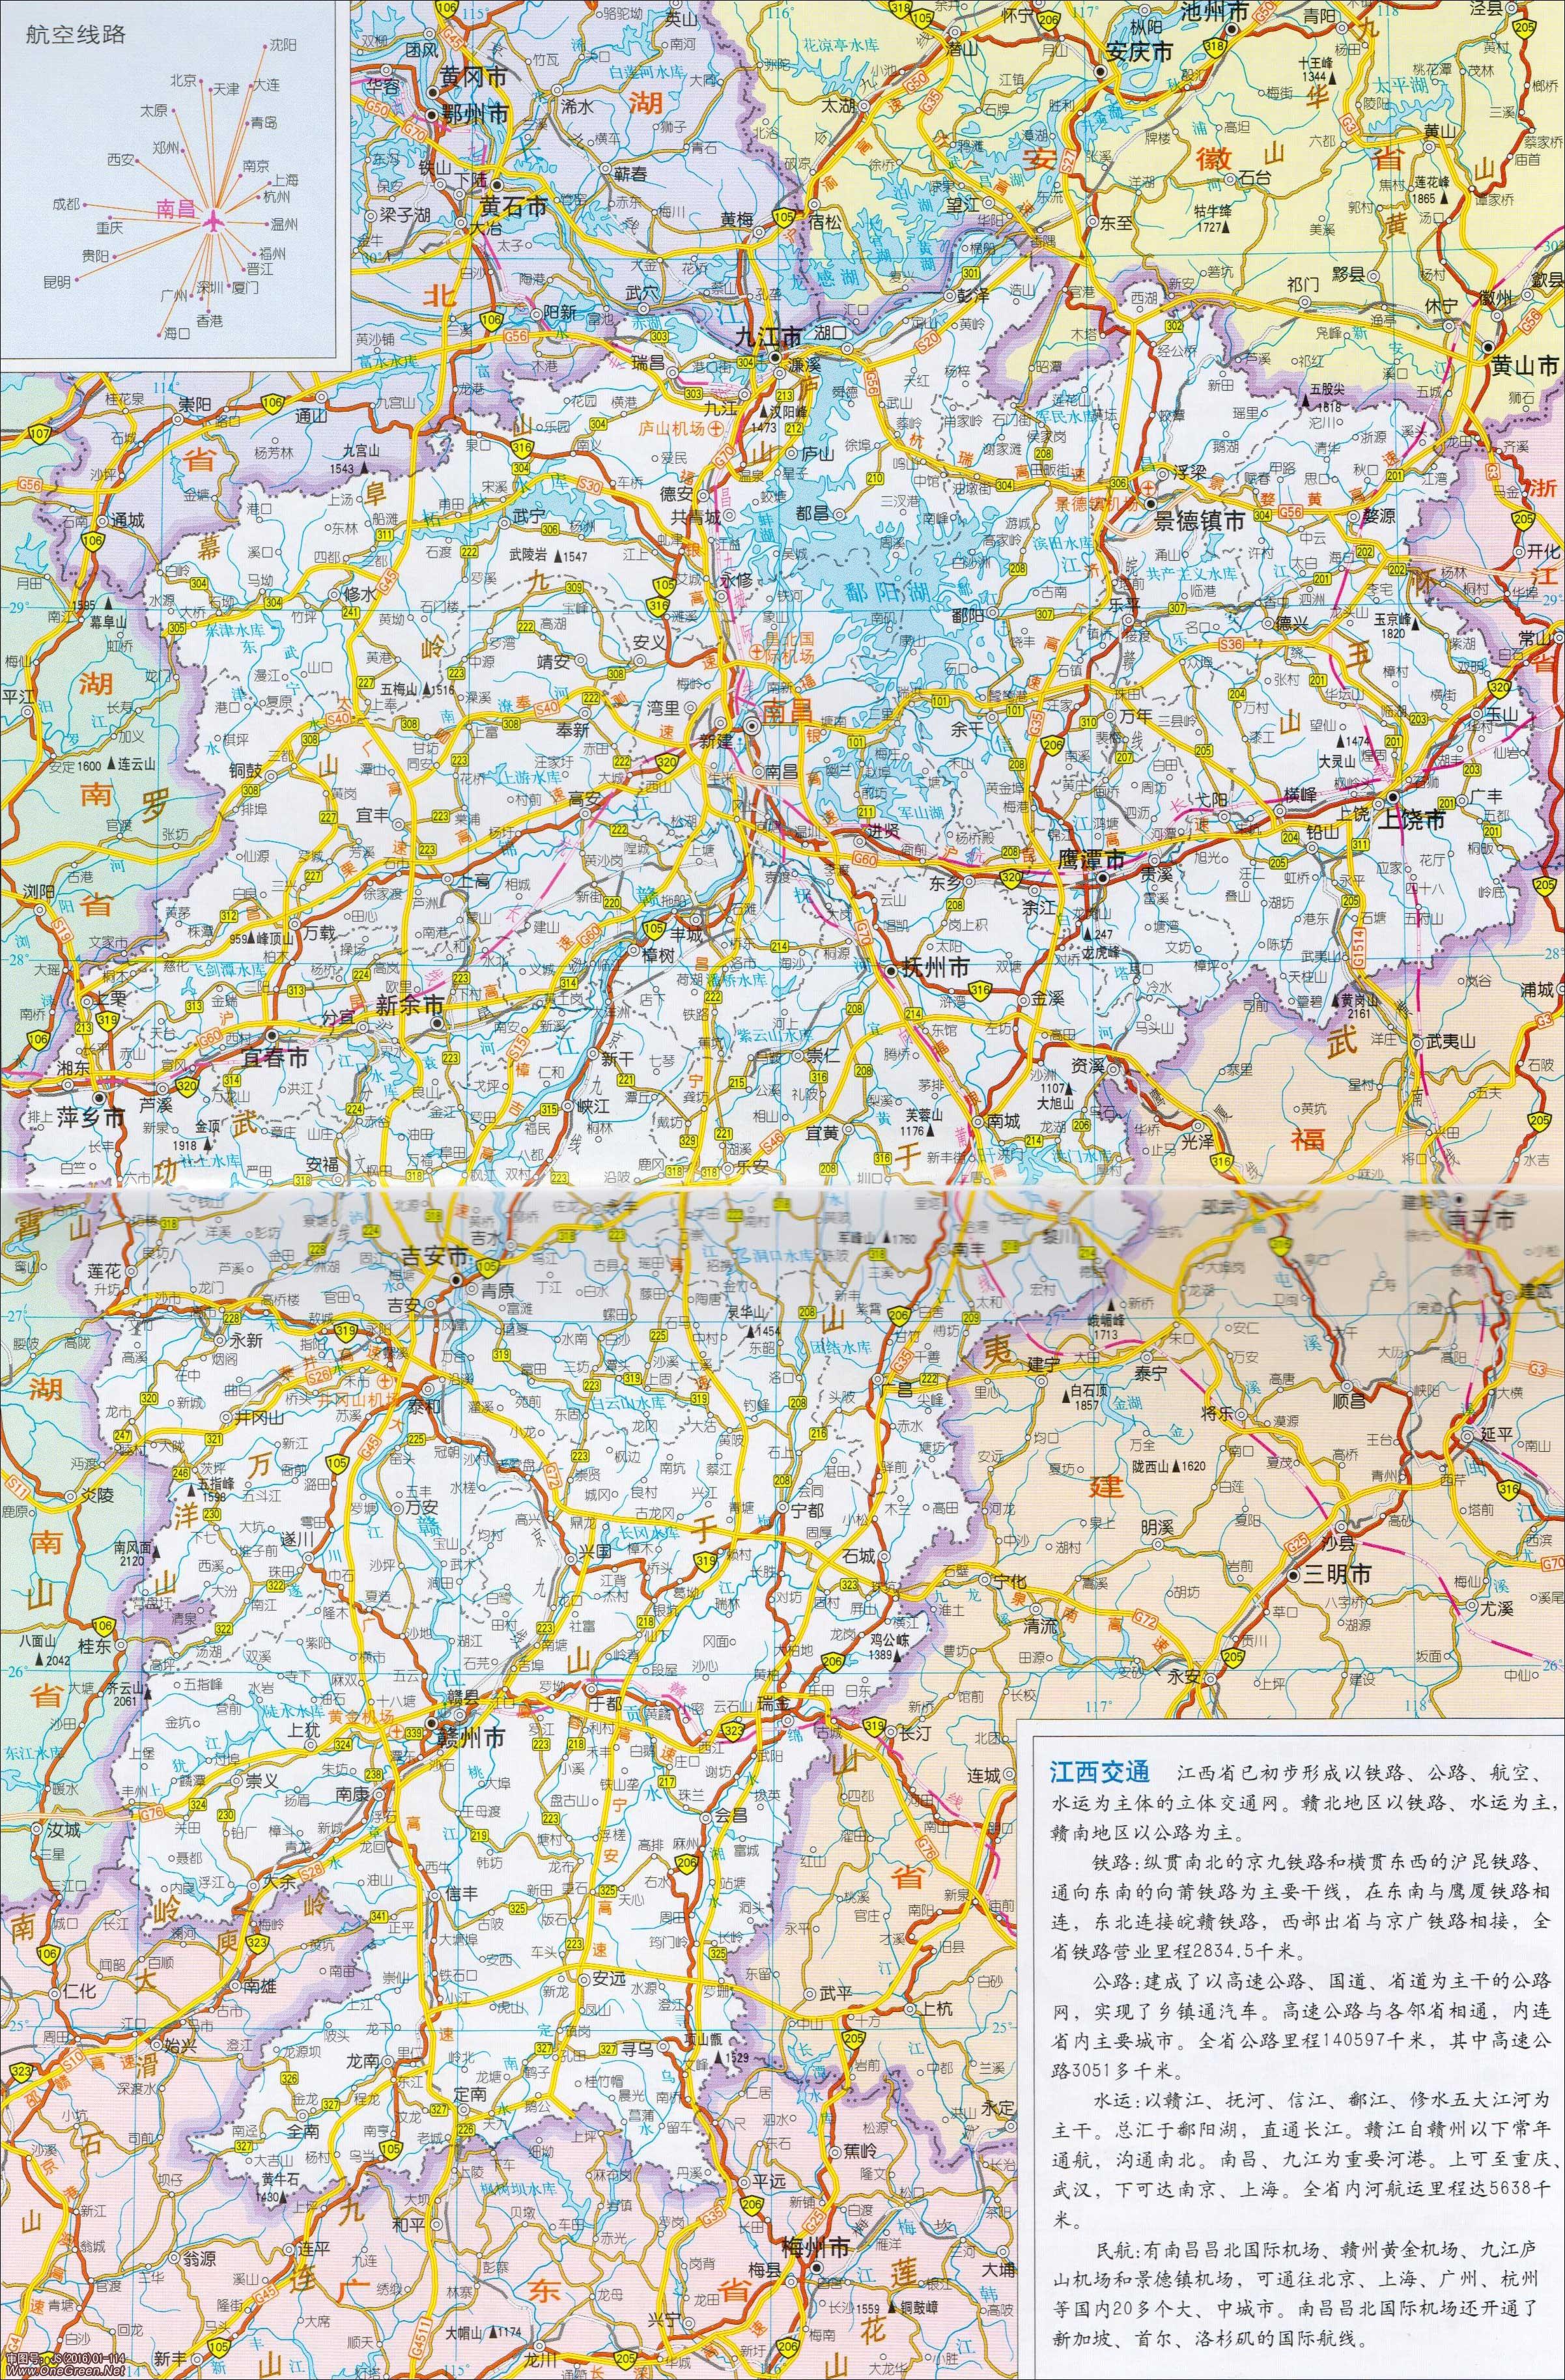 北京 地图 英文 版